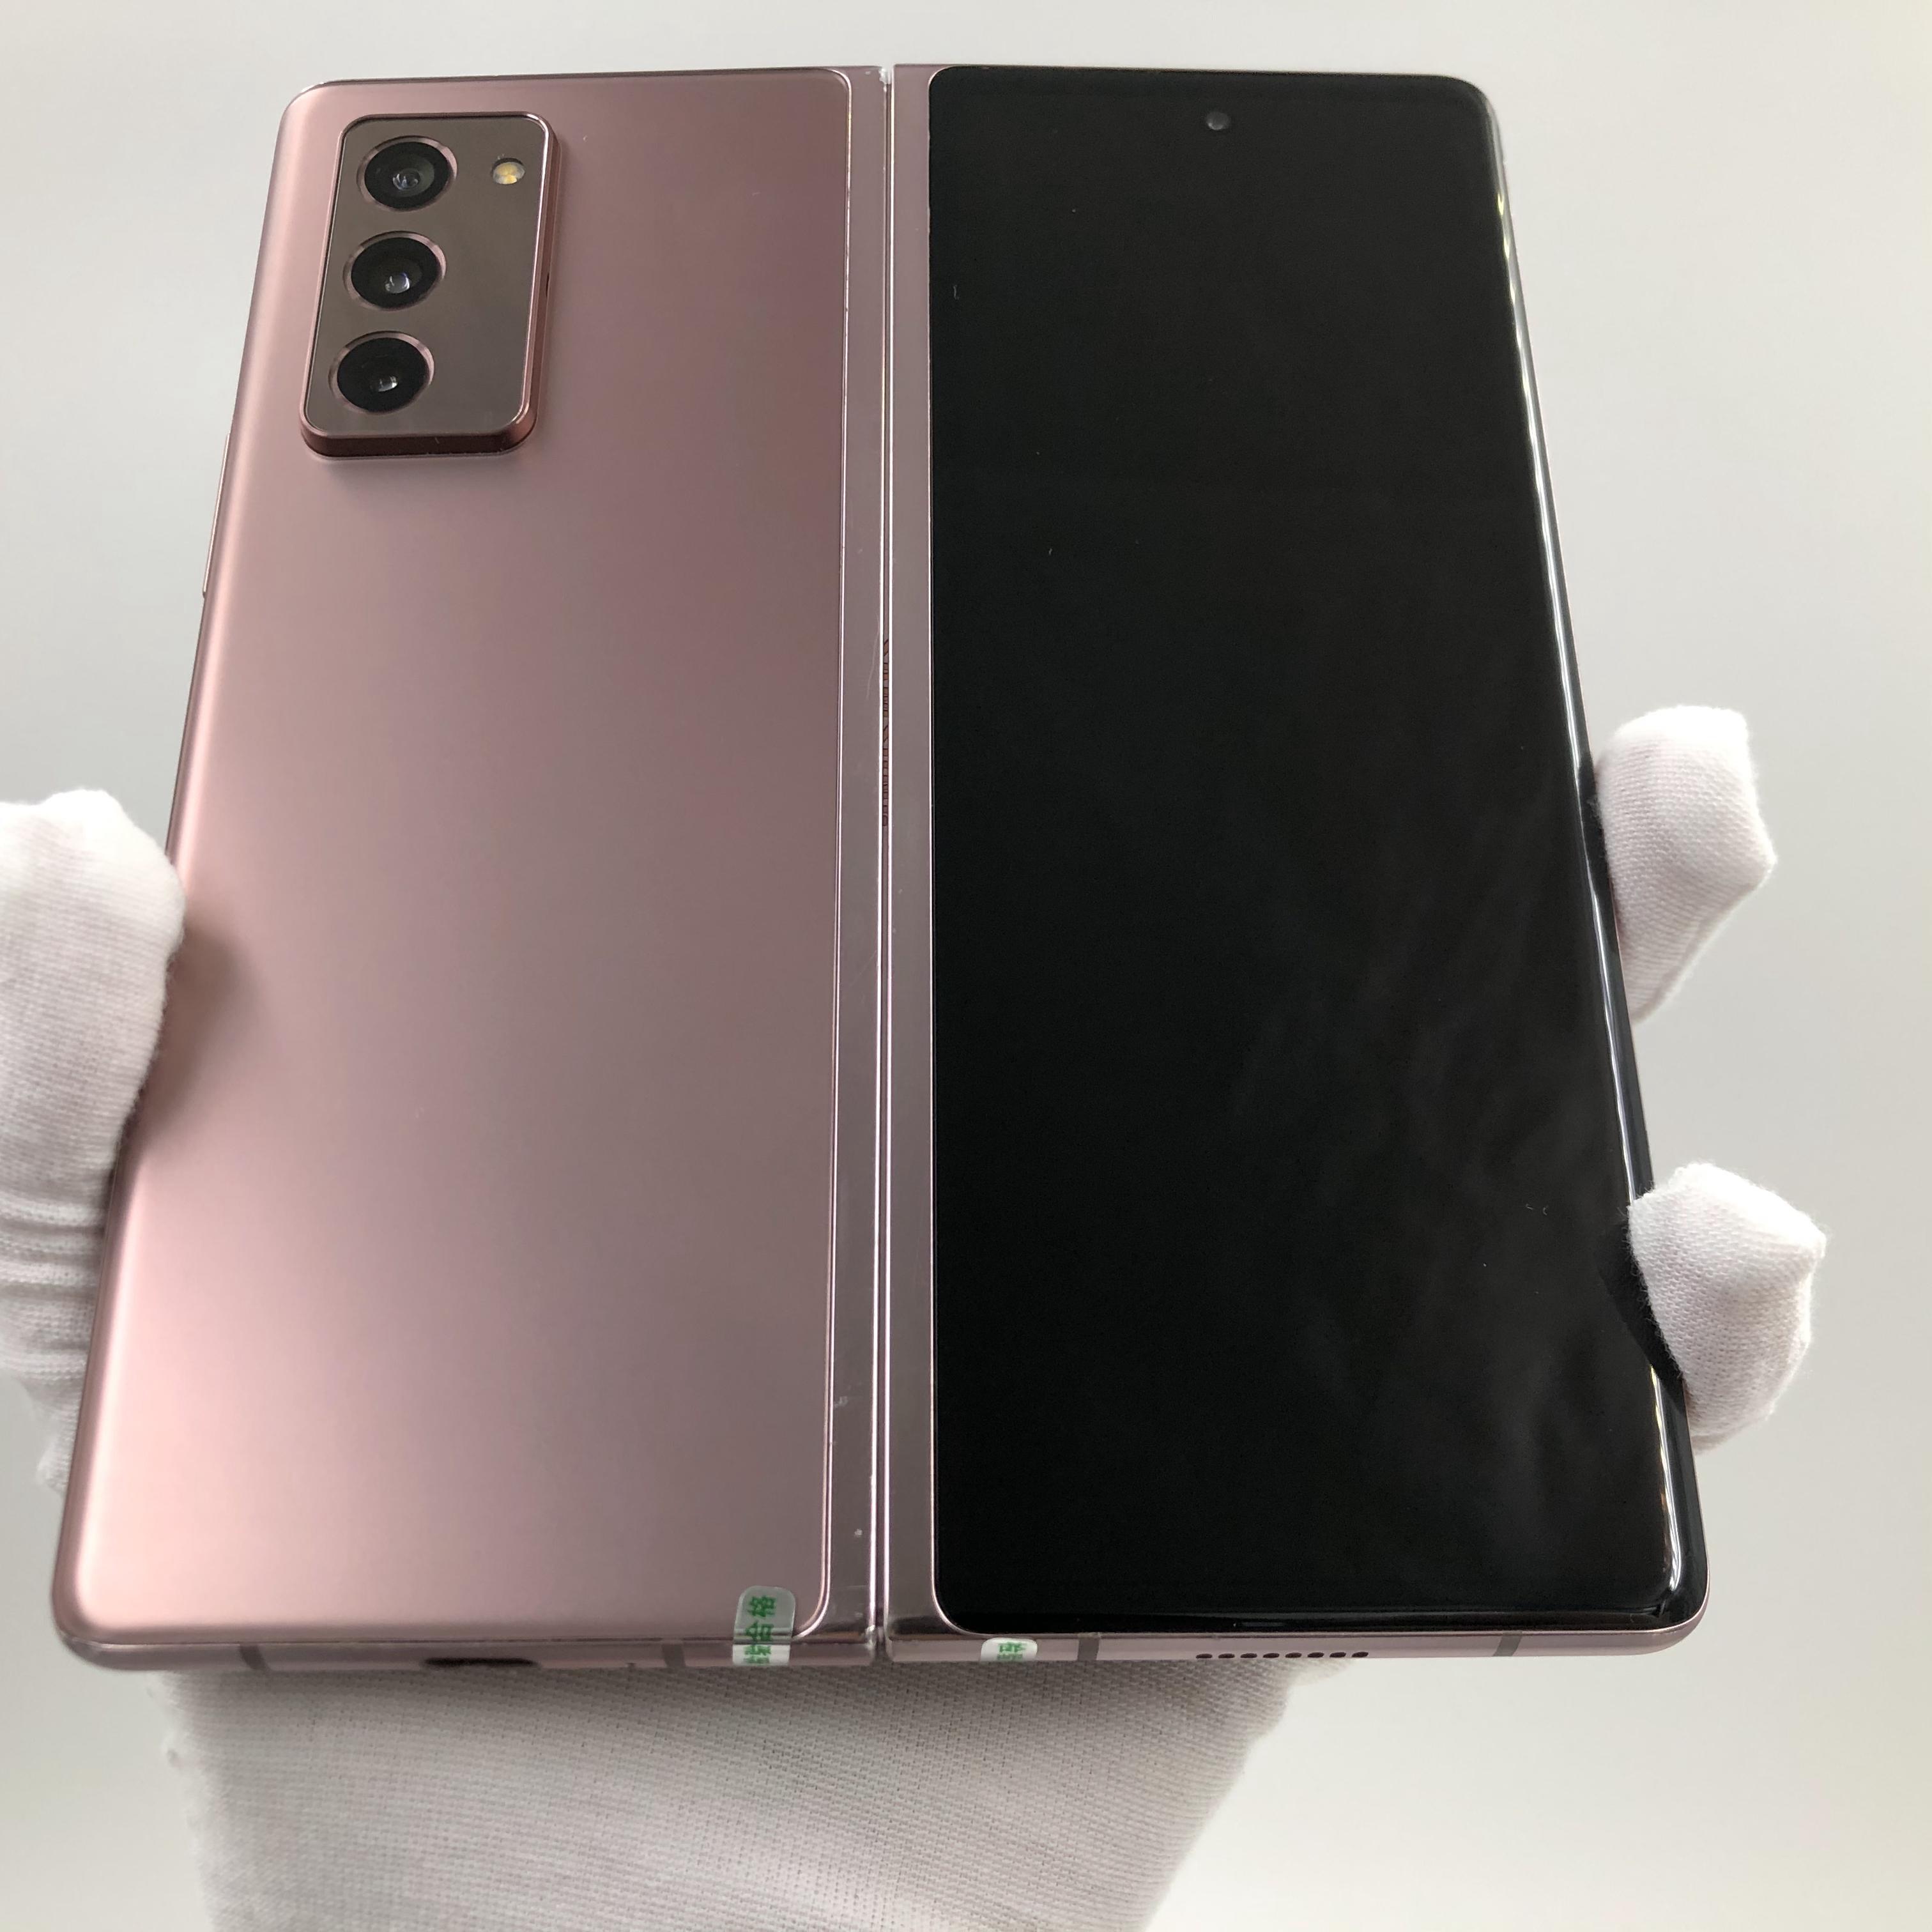 三星【Galaxy Z Fold2 5G】5G全网通 迷雾金 12G/512G 国行 8成新 真机实拍